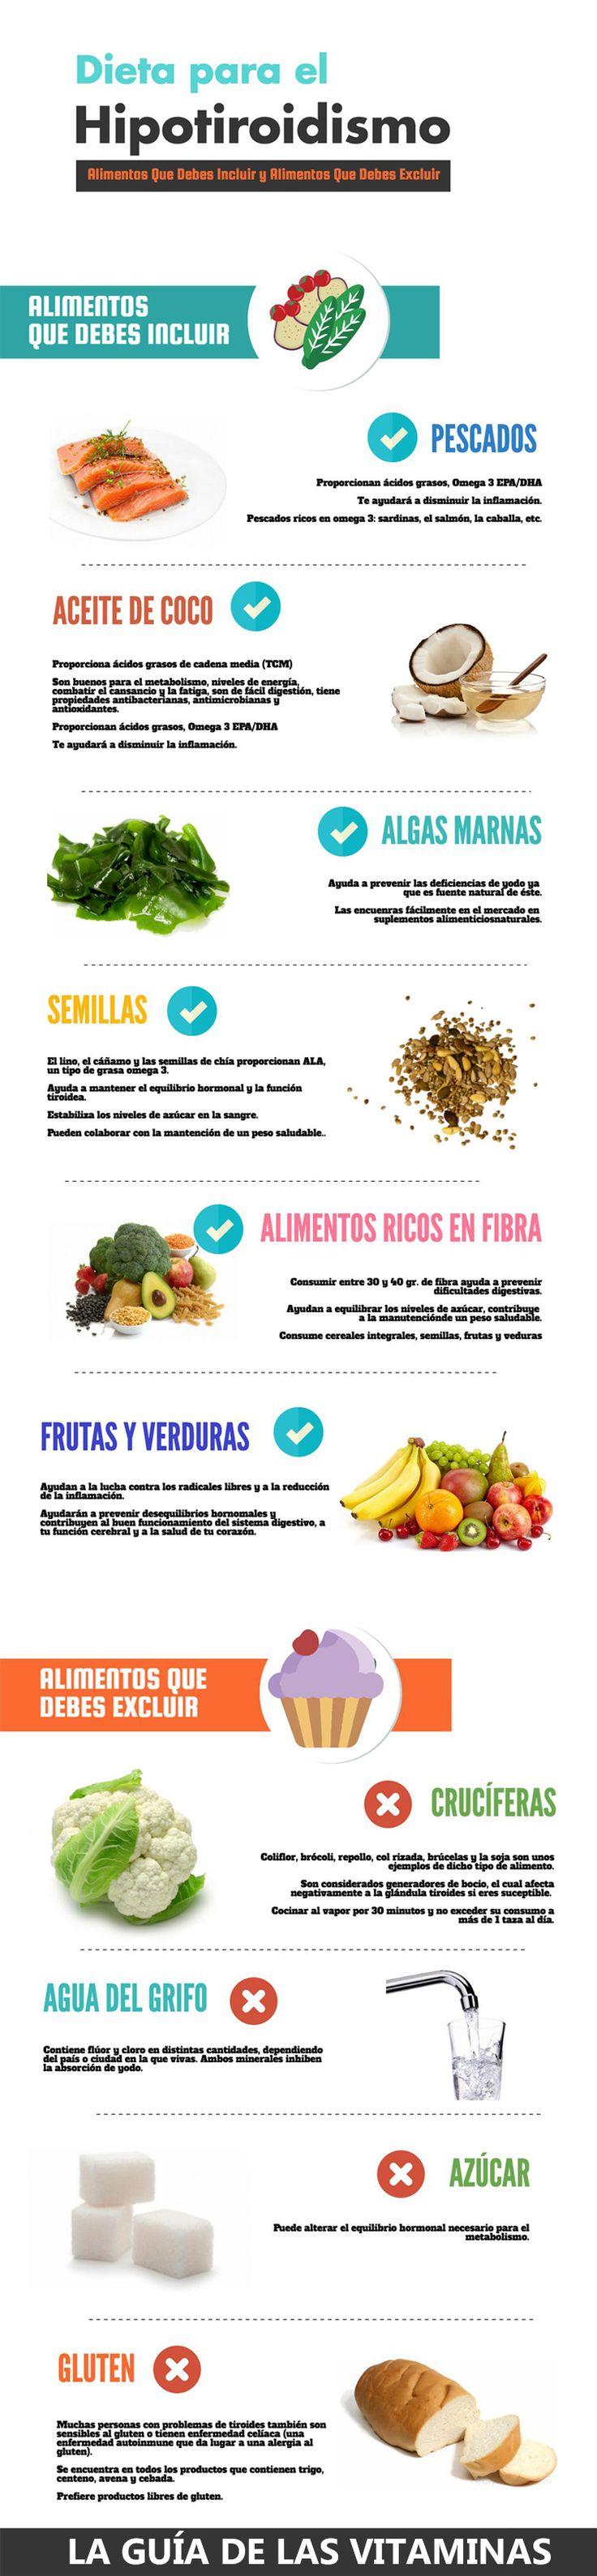 infografico-hipotiroidismo-dieta-y-tratamiento